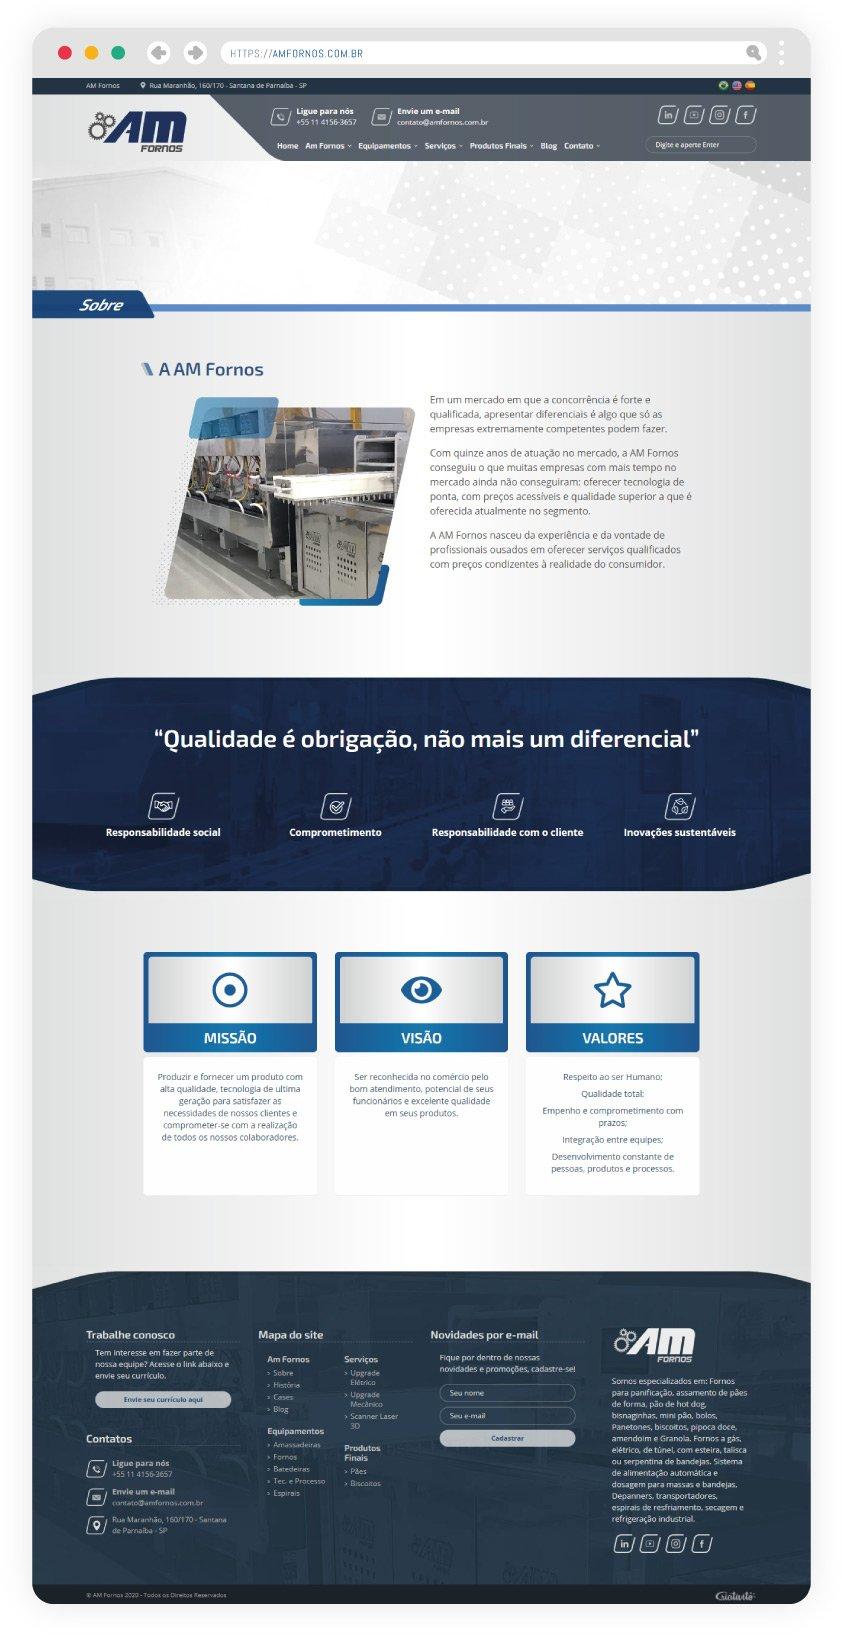 Criação de site para indústria alimentícia, com aspectos que ressaltam os valores da marca AM Fornos